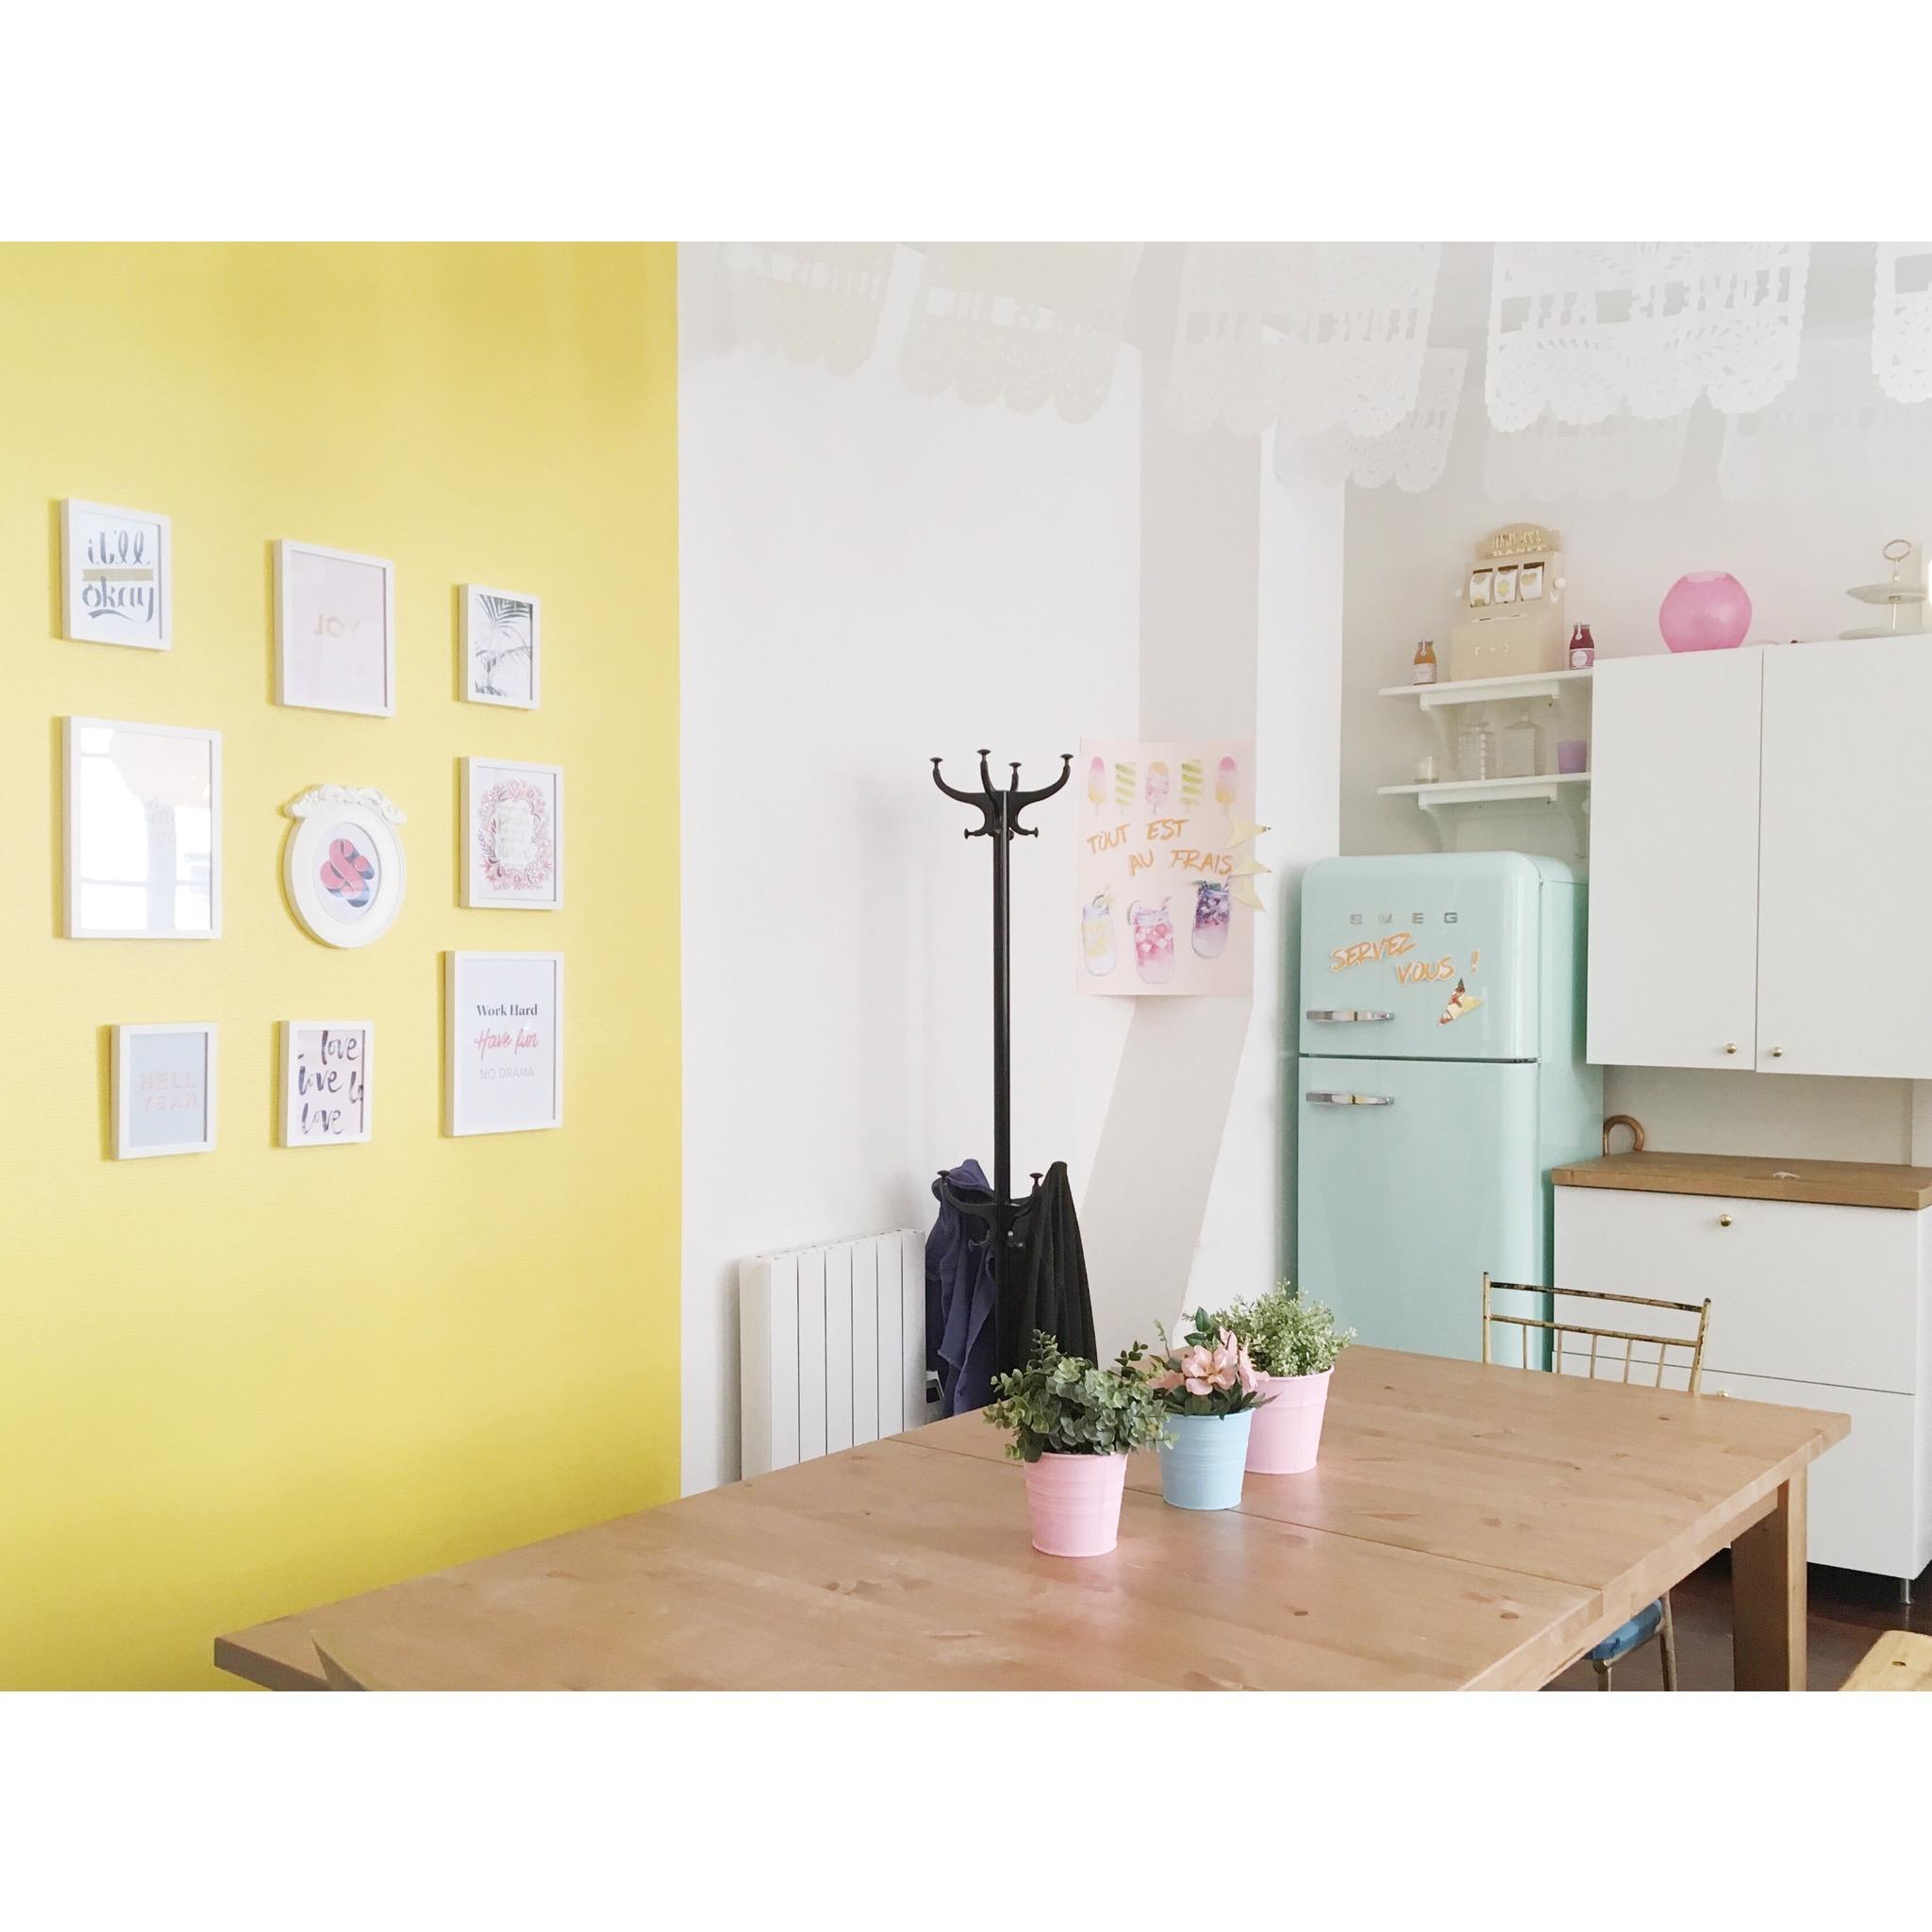 manifeste pour une maison rang e cachemire soie du bonheur de la cr ativit et de jolies. Black Bedroom Furniture Sets. Home Design Ideas